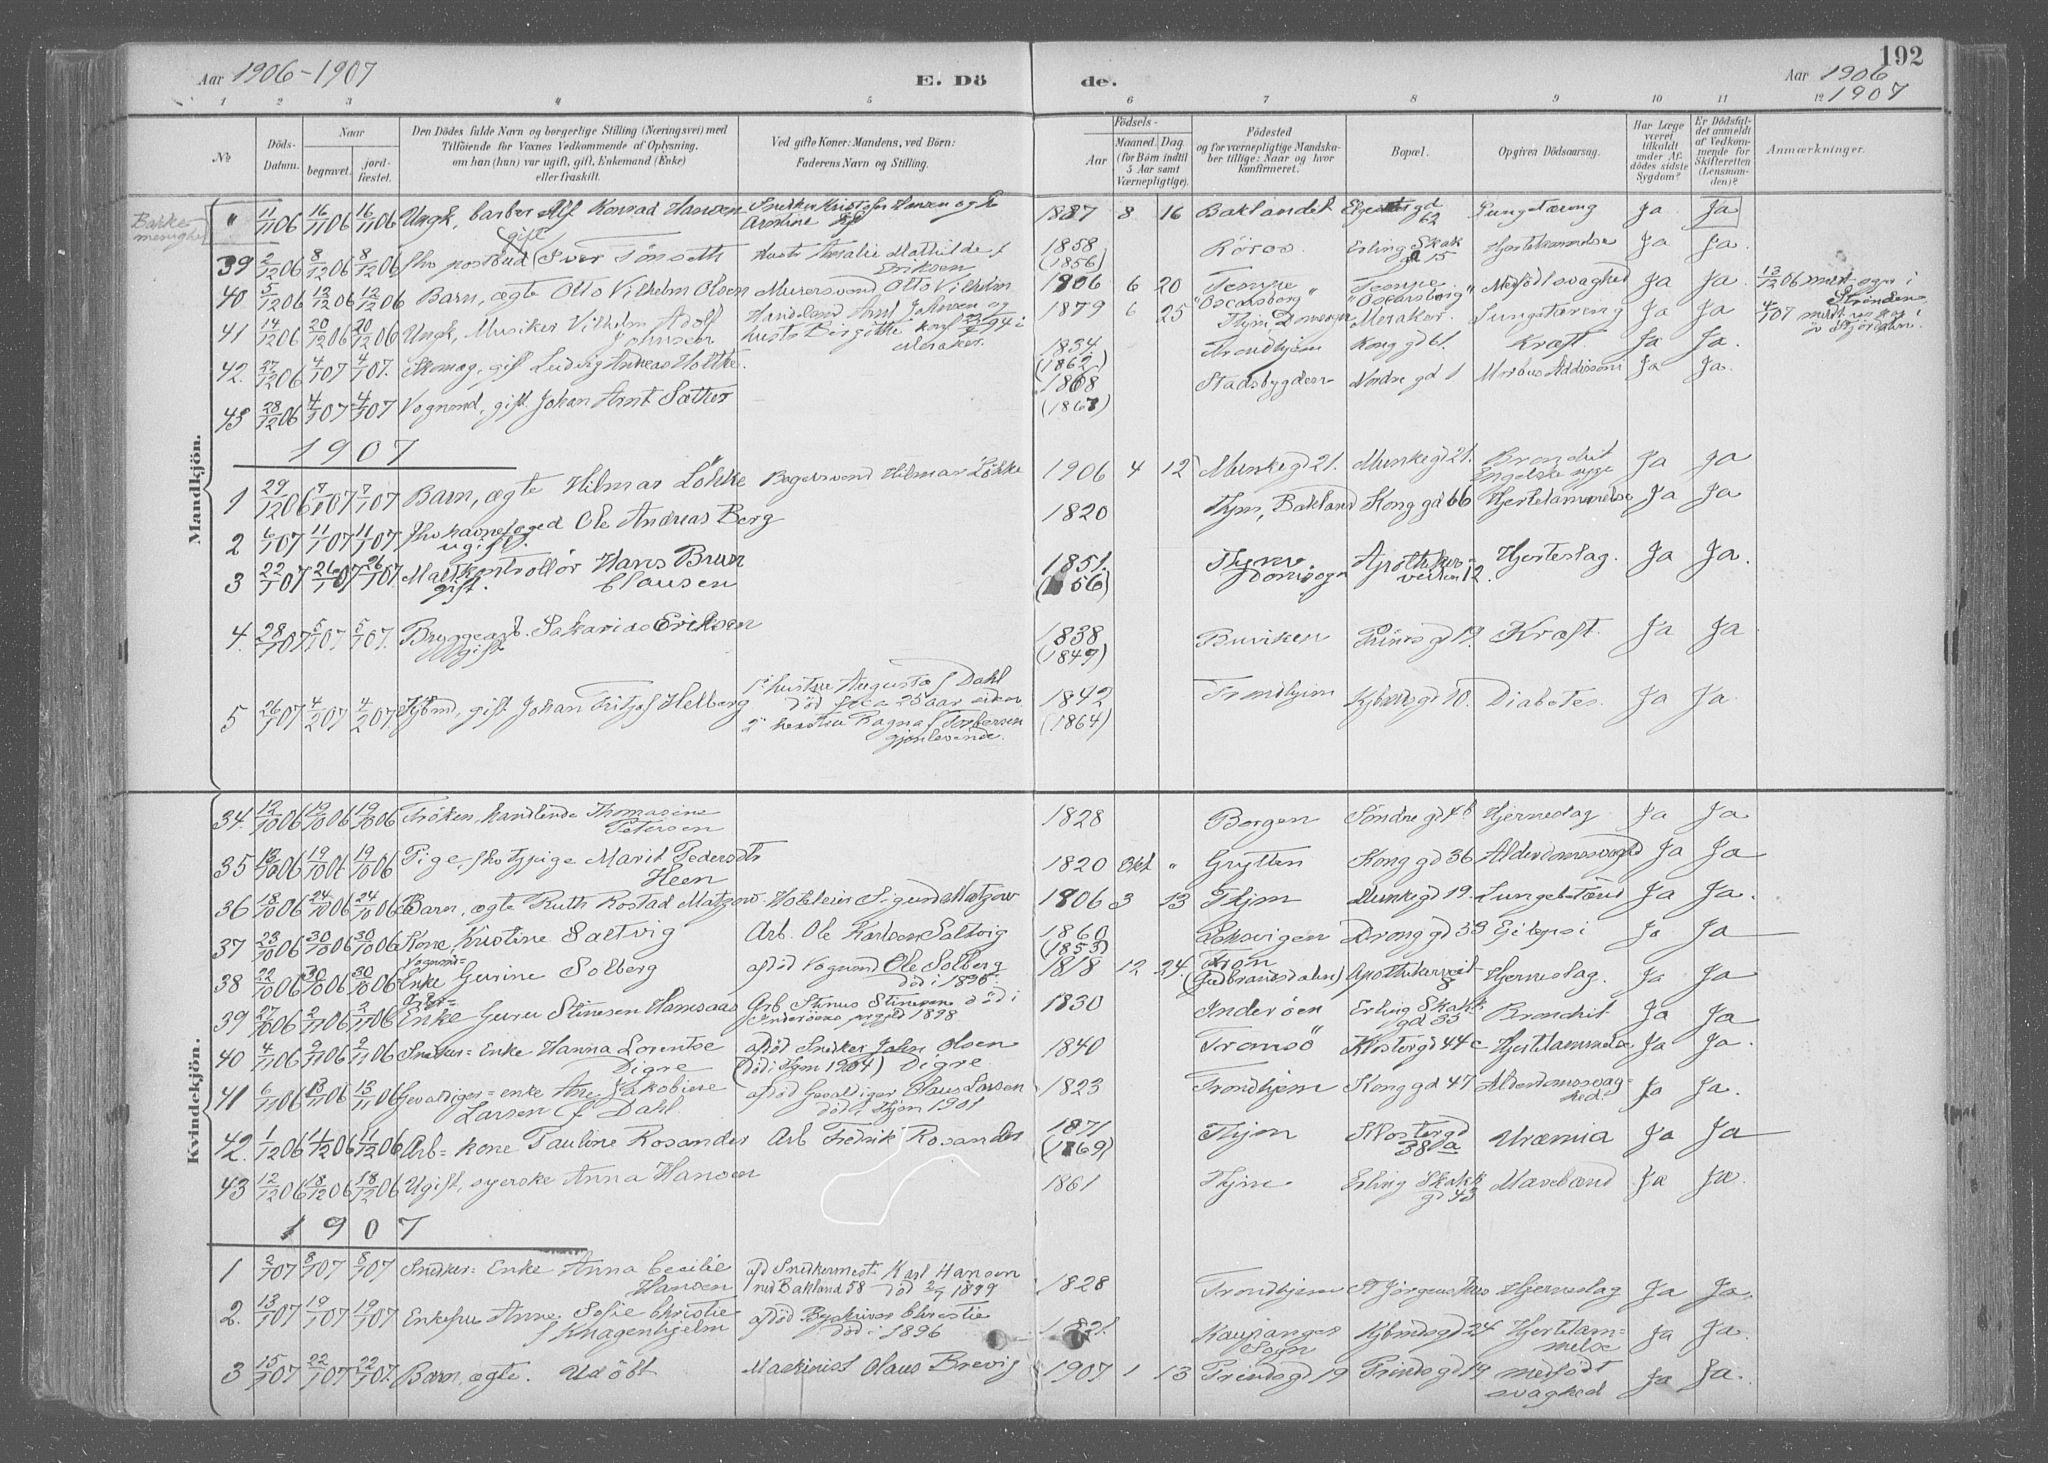 SAT, Ministerialprotokoller, klokkerbøker og fødselsregistre - Sør-Trøndelag, 601/L0064: Ministerialbok nr. 601A31, 1891-1911, s. 192